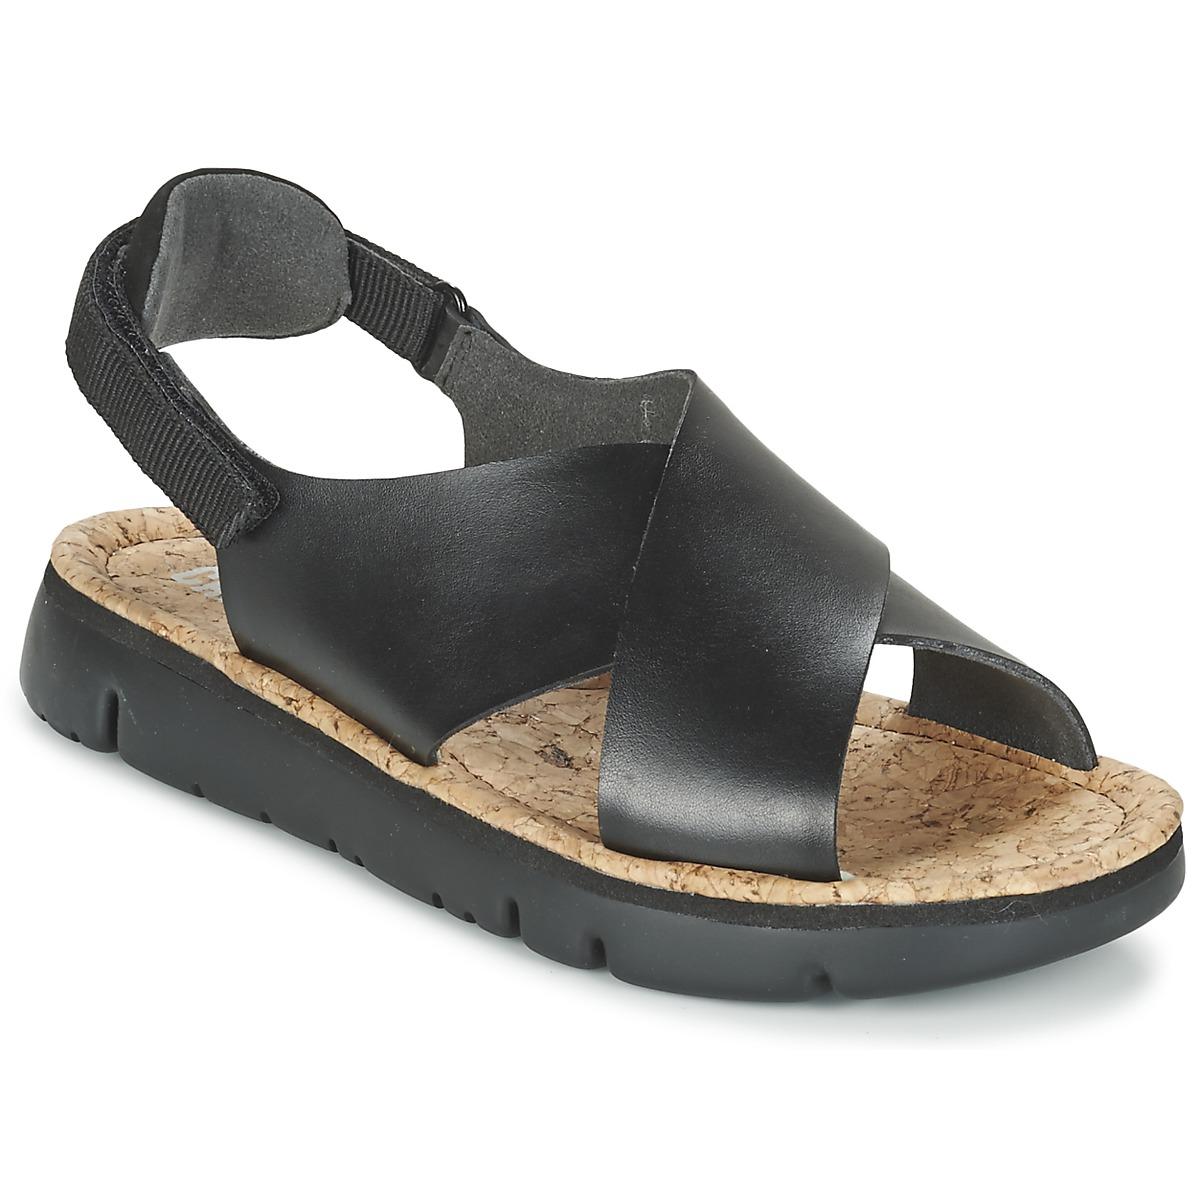 Camper Sandale Femme Livraison Gratuite Avec Tony Perotti Loafers Artiro Black Chaussures Sandales Et Nu Pieds Oruga Noir